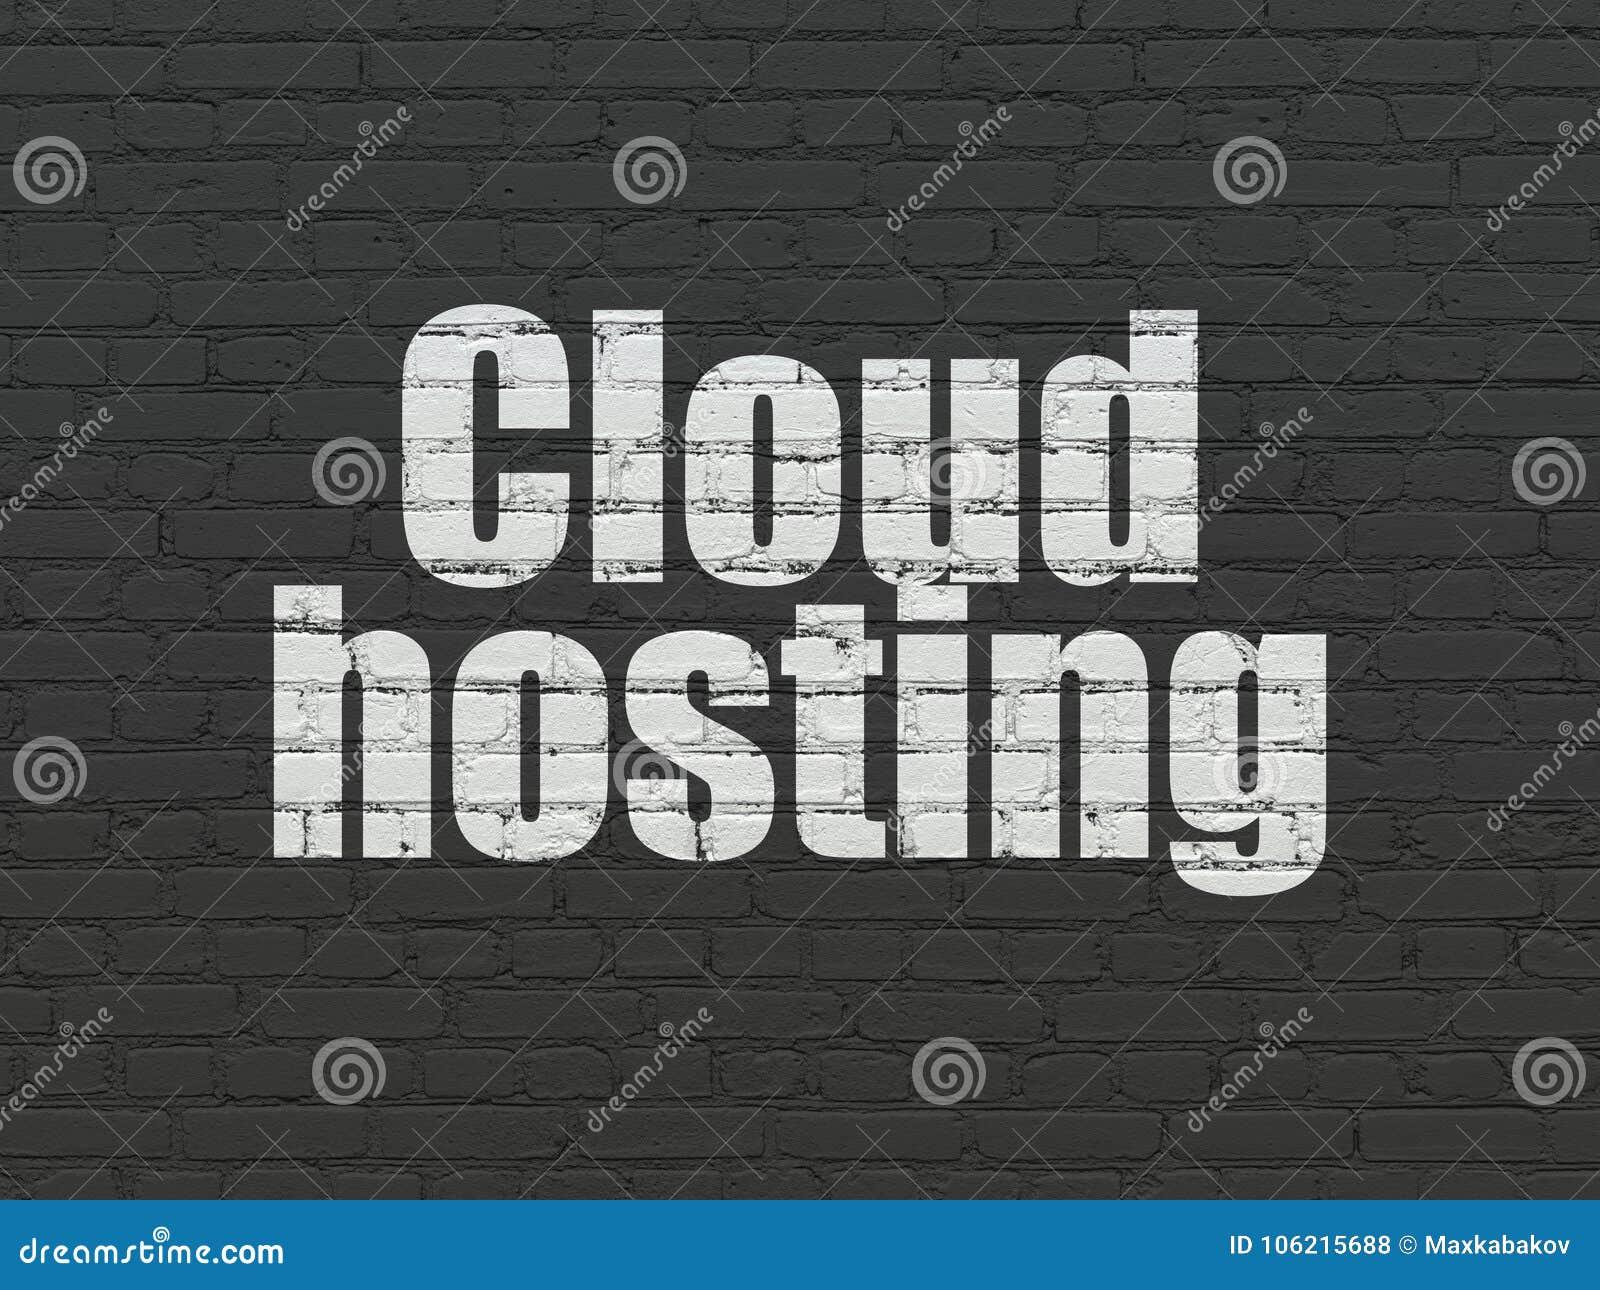 Έννοια δικτύωσης σύννεφων: Φιλοξενία σύννεφων στο υπόβαθρο τοίχων